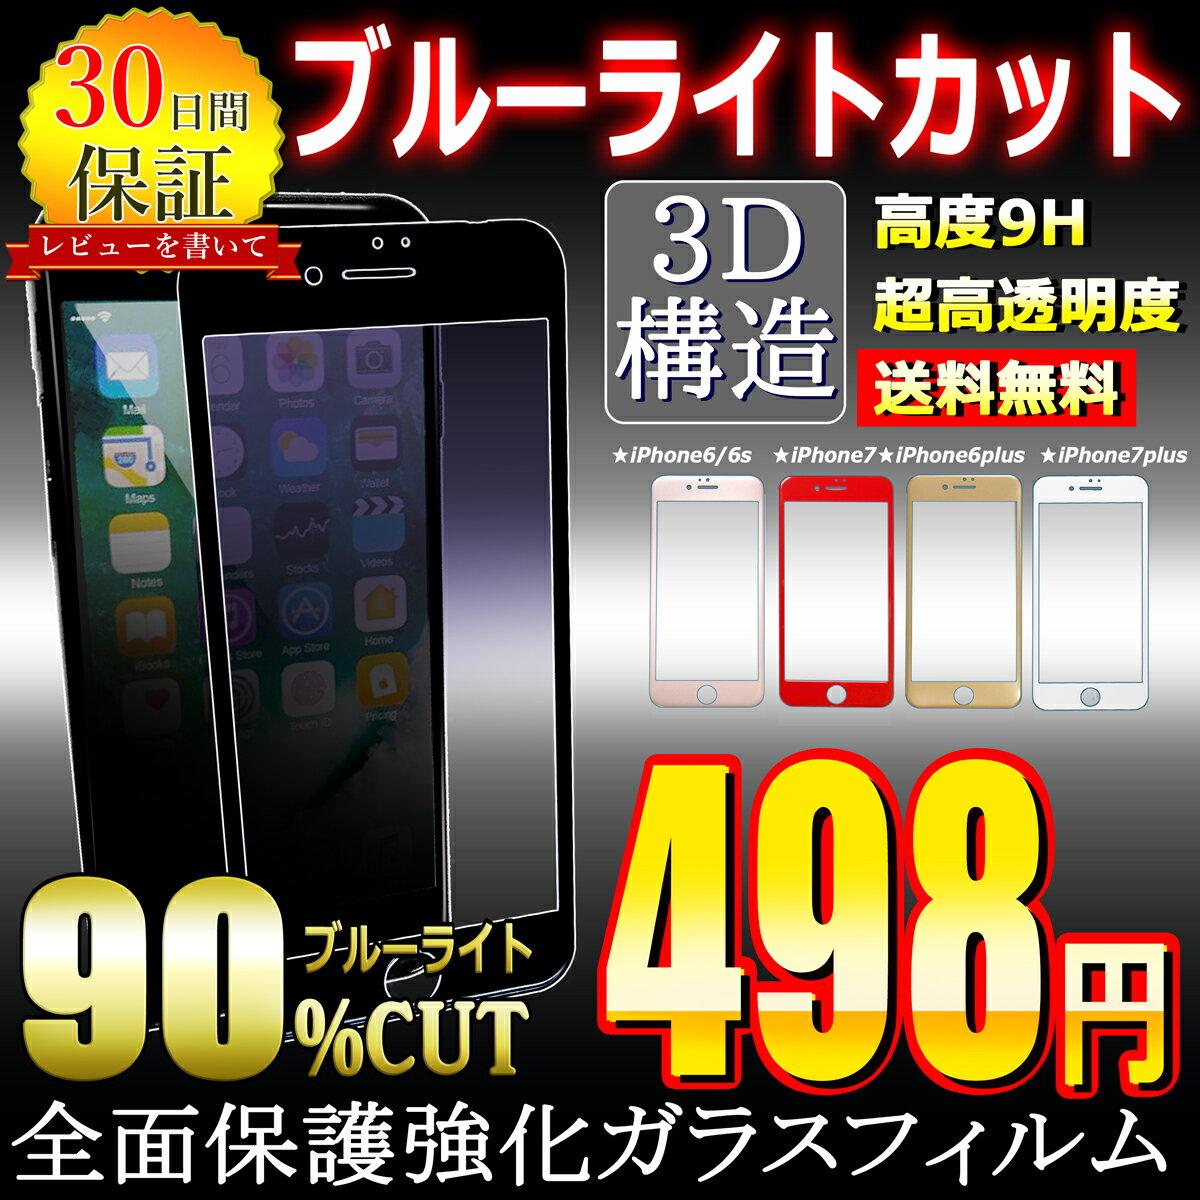 全面保護 3D 9H ブルーライトカット 強化ガラスフィルム iPhoneX iPhone8 iPhone8plus iPhone7 iPhone6s iPhone6 plus 強化ガラスフィルム 傷防止、超高硬度、ラウンドエッジ、高透過率、極薄0.2mm、炭素繊維+9Hガラス